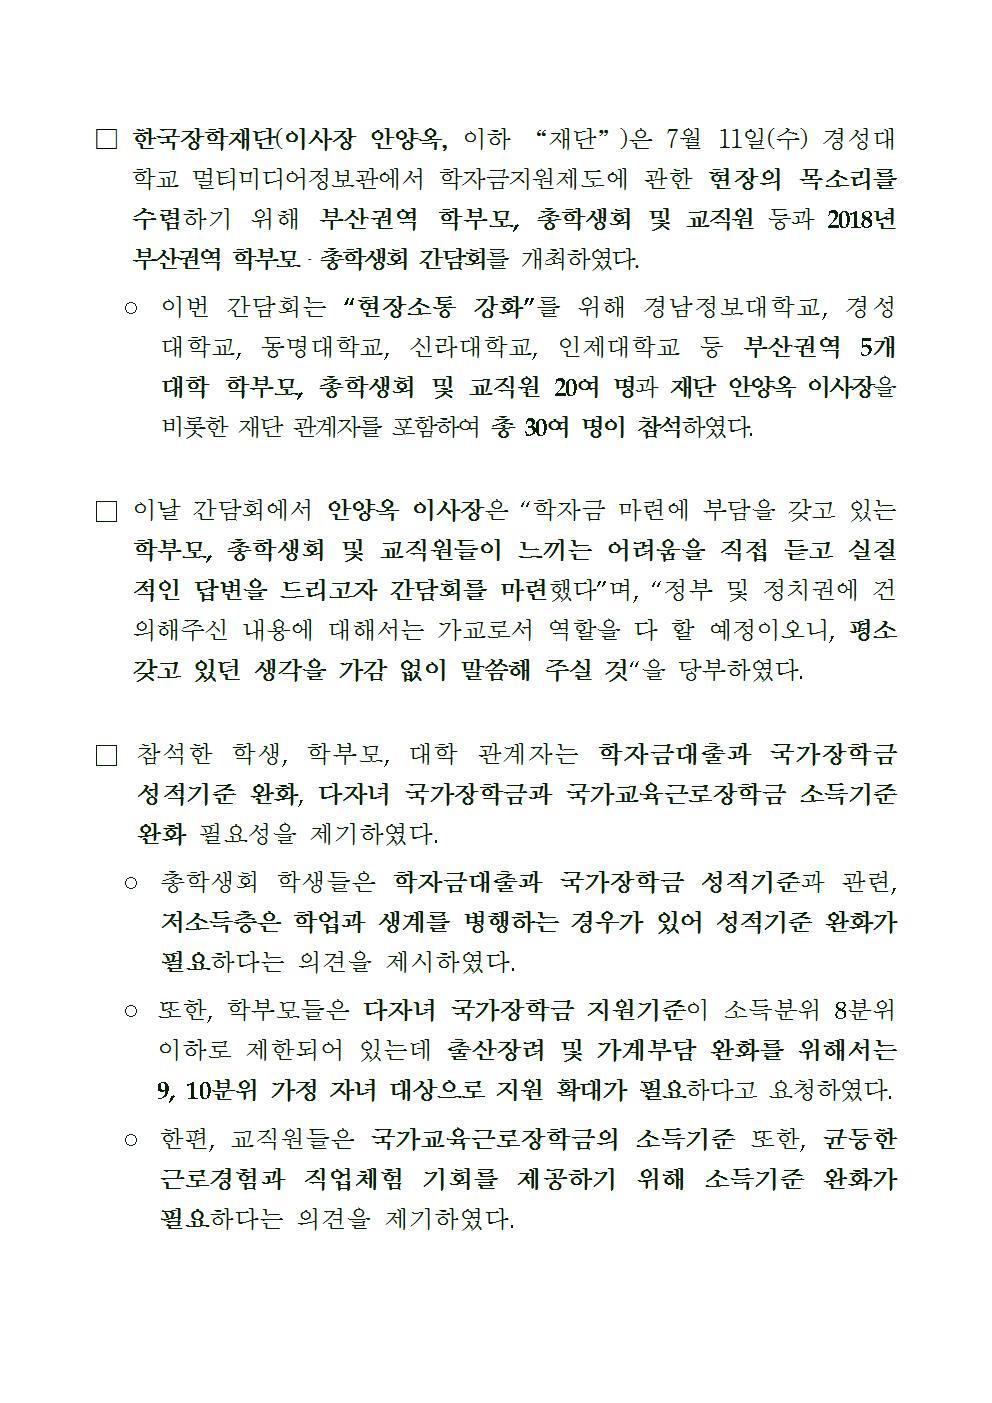 07-12(목)[보도자료] 한국장학재단, 부산권역 학부모, 총학생회 현장간담회 개최002.jpg